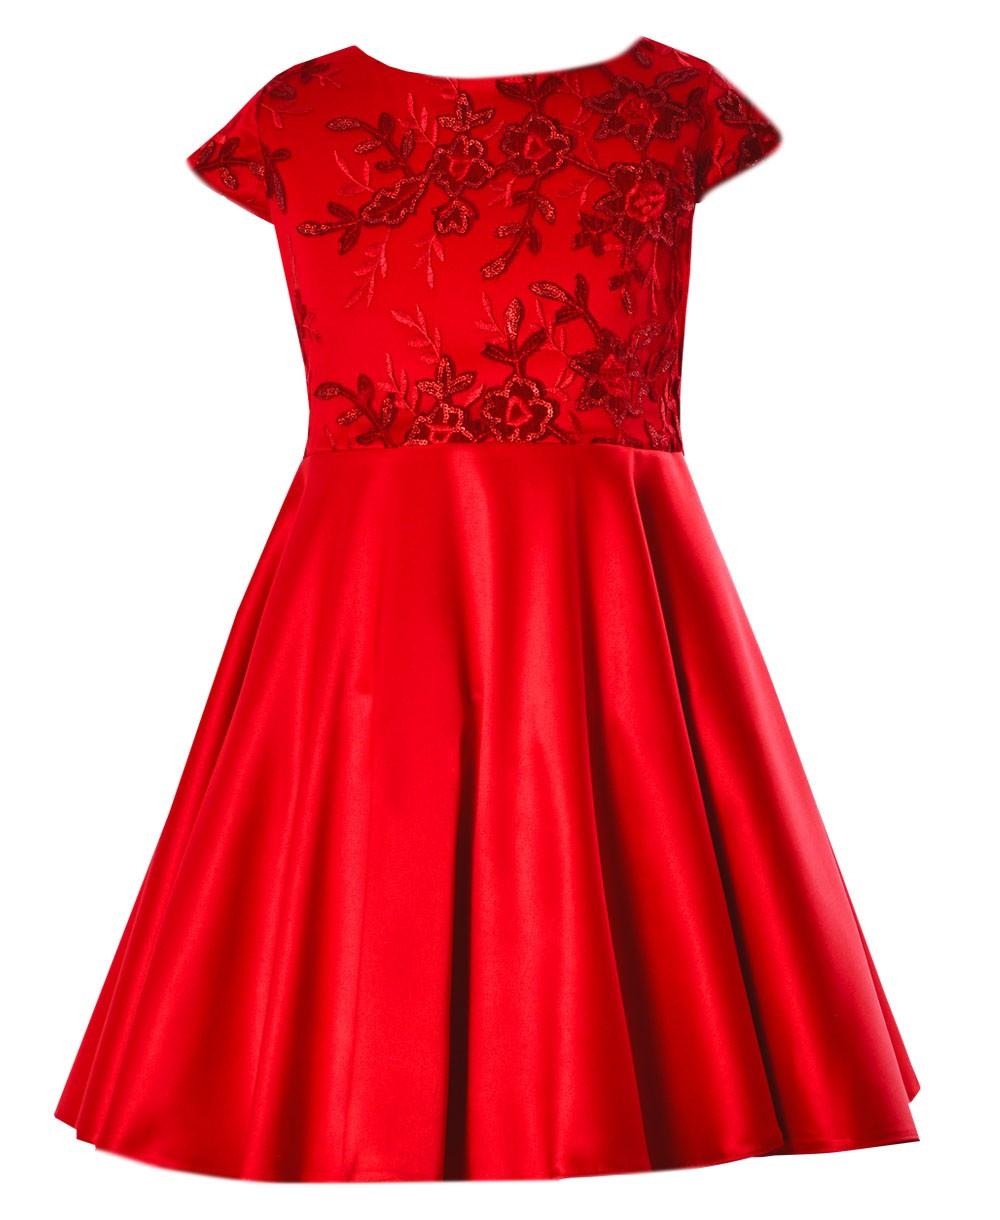 bbf92943ddf5be emma sukienka dla dziewczynki na wesele, przyjecie , wizytowa , swiateczna  , czerwona4